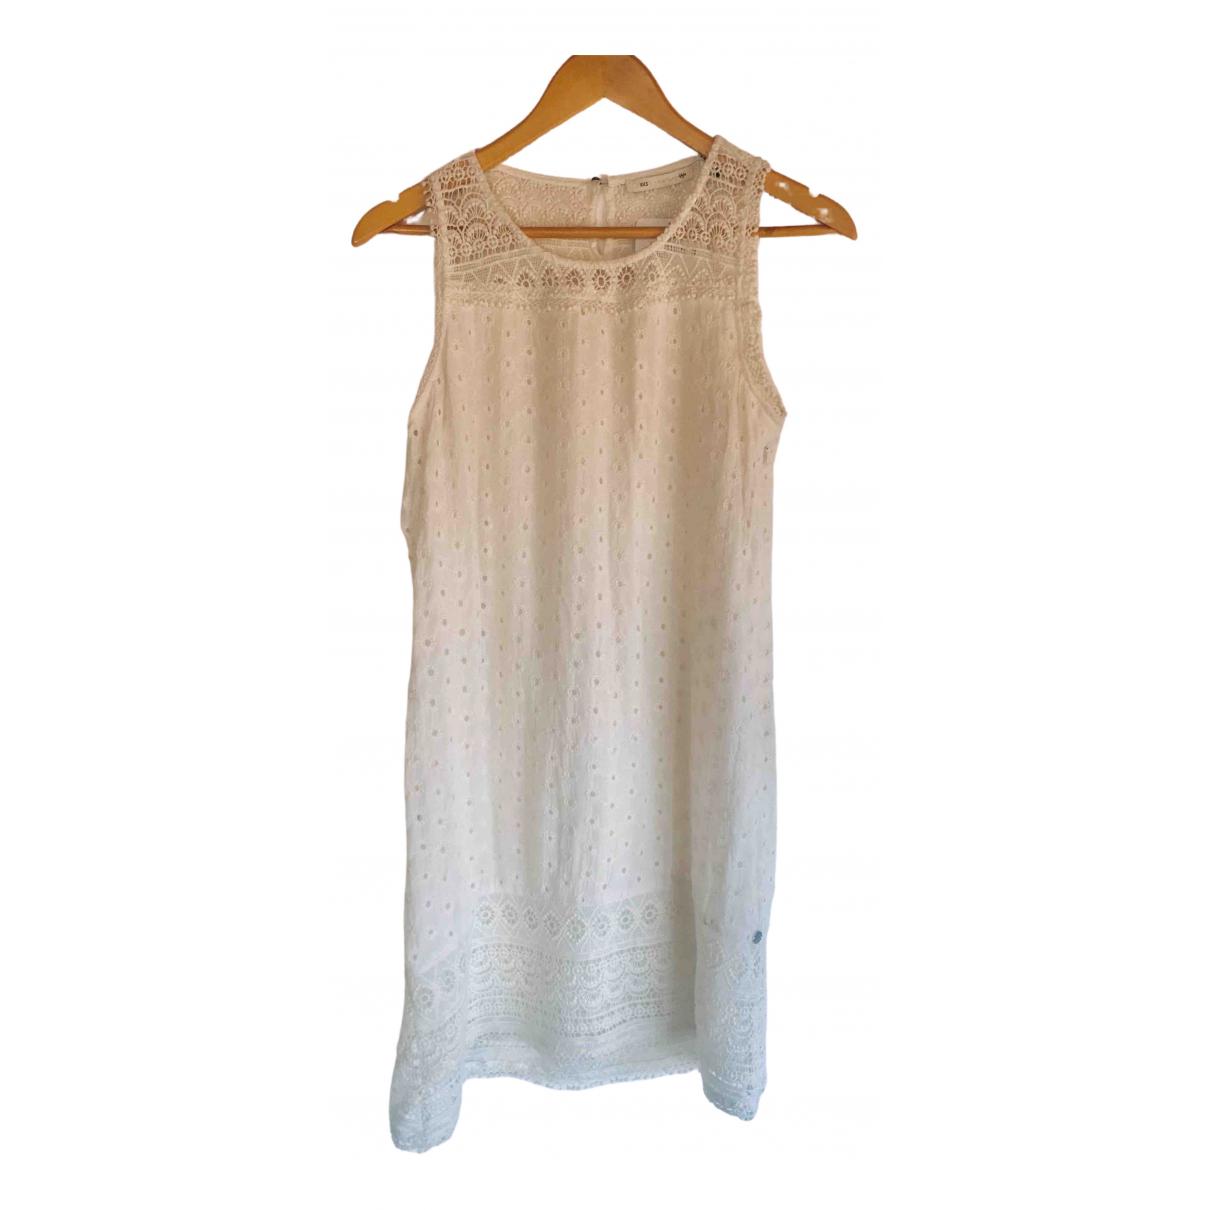 Ikks \N White Cotton dress for Women 36 FR